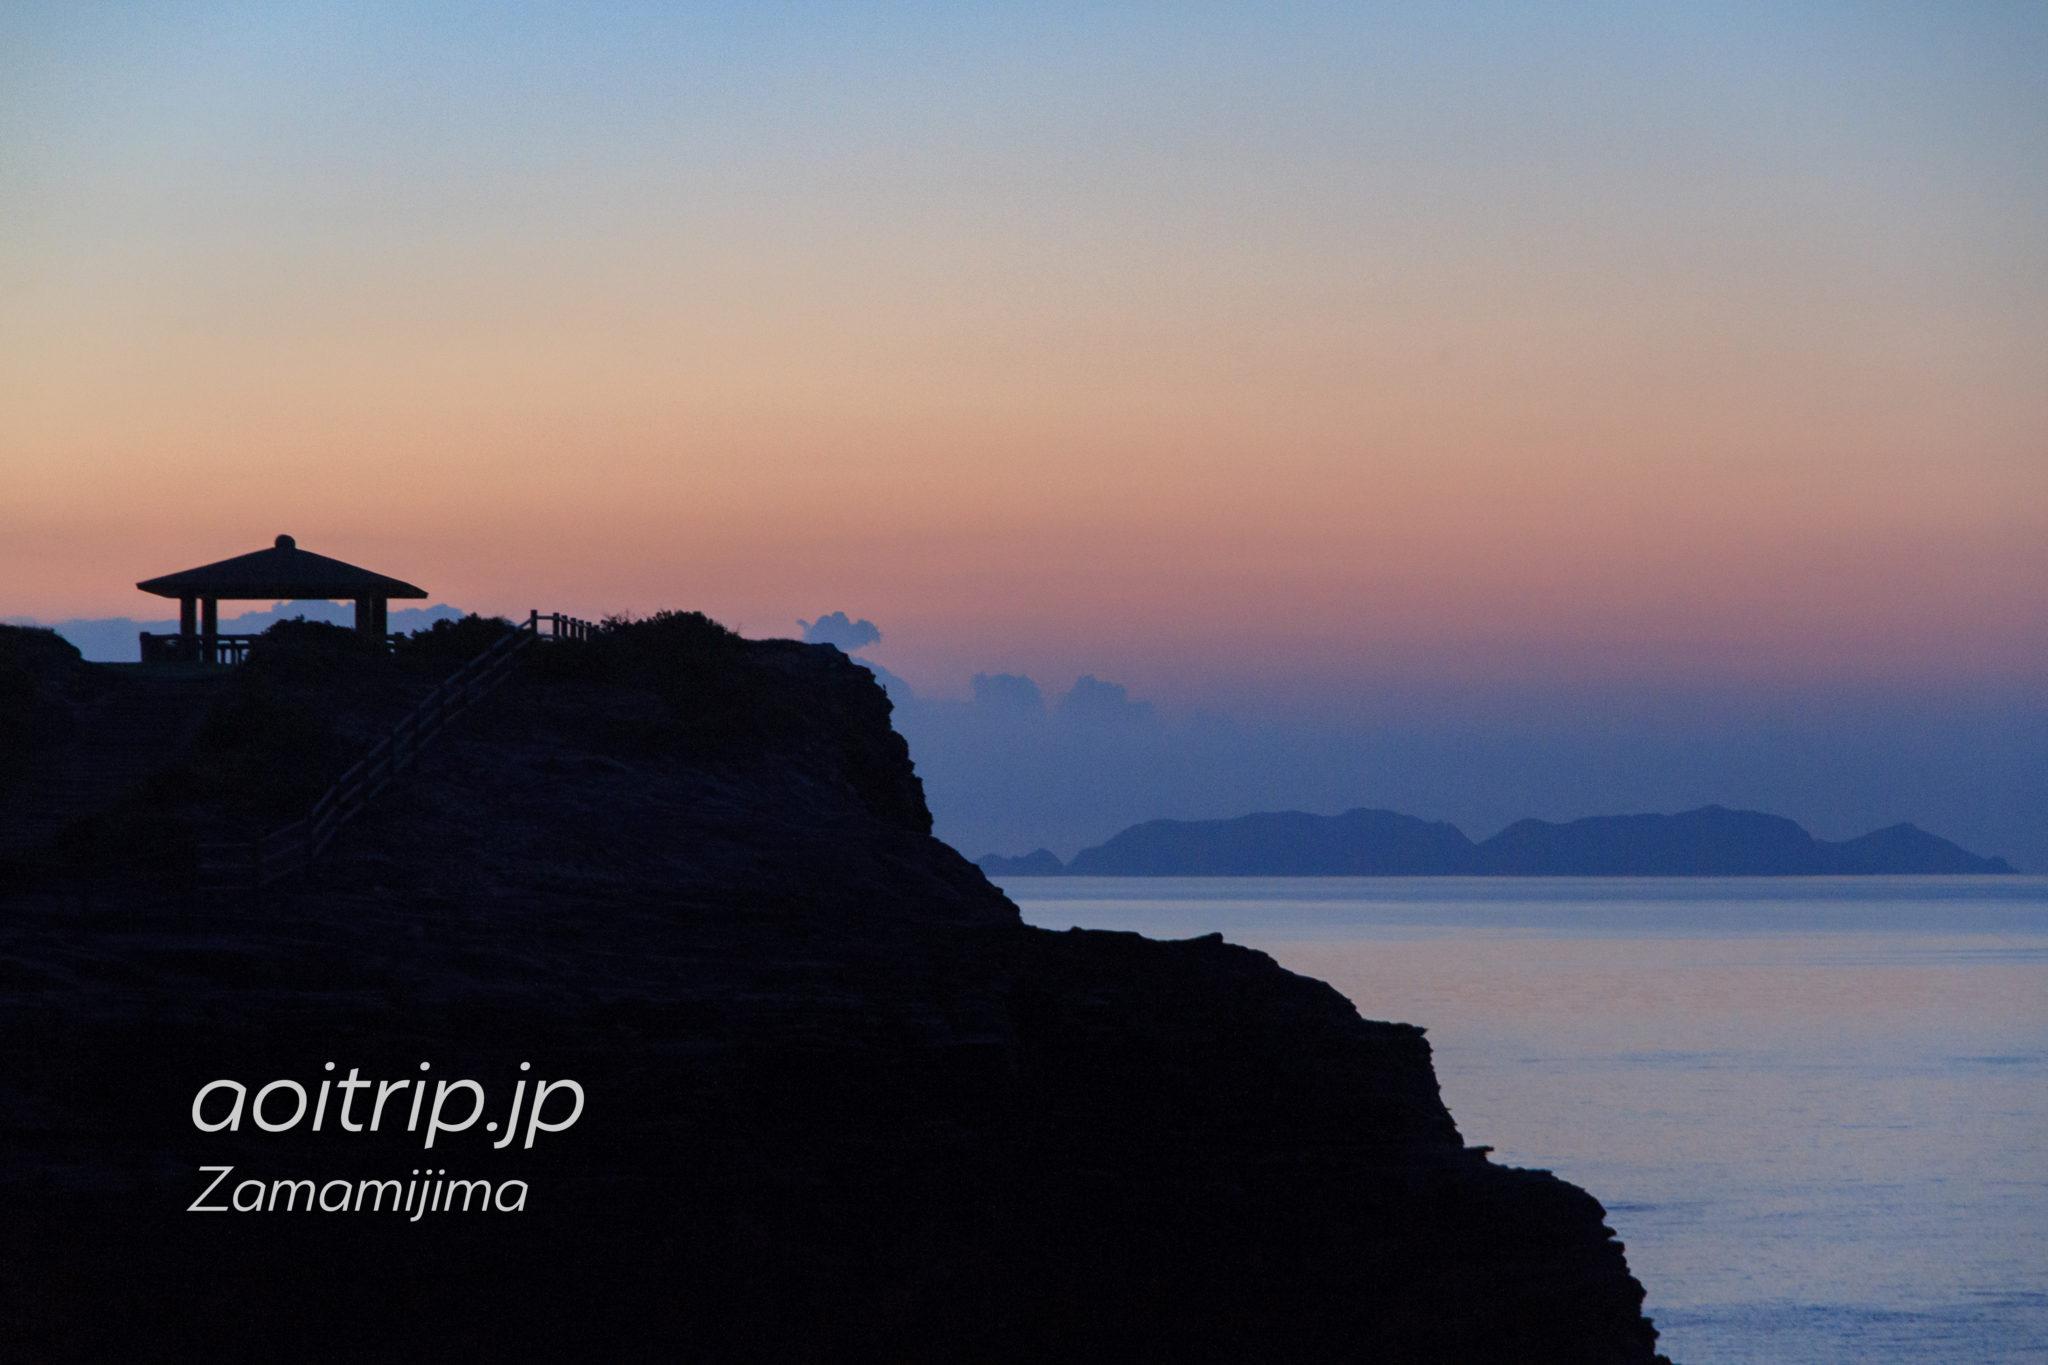 ウナジノサチ展望台と渡名喜島